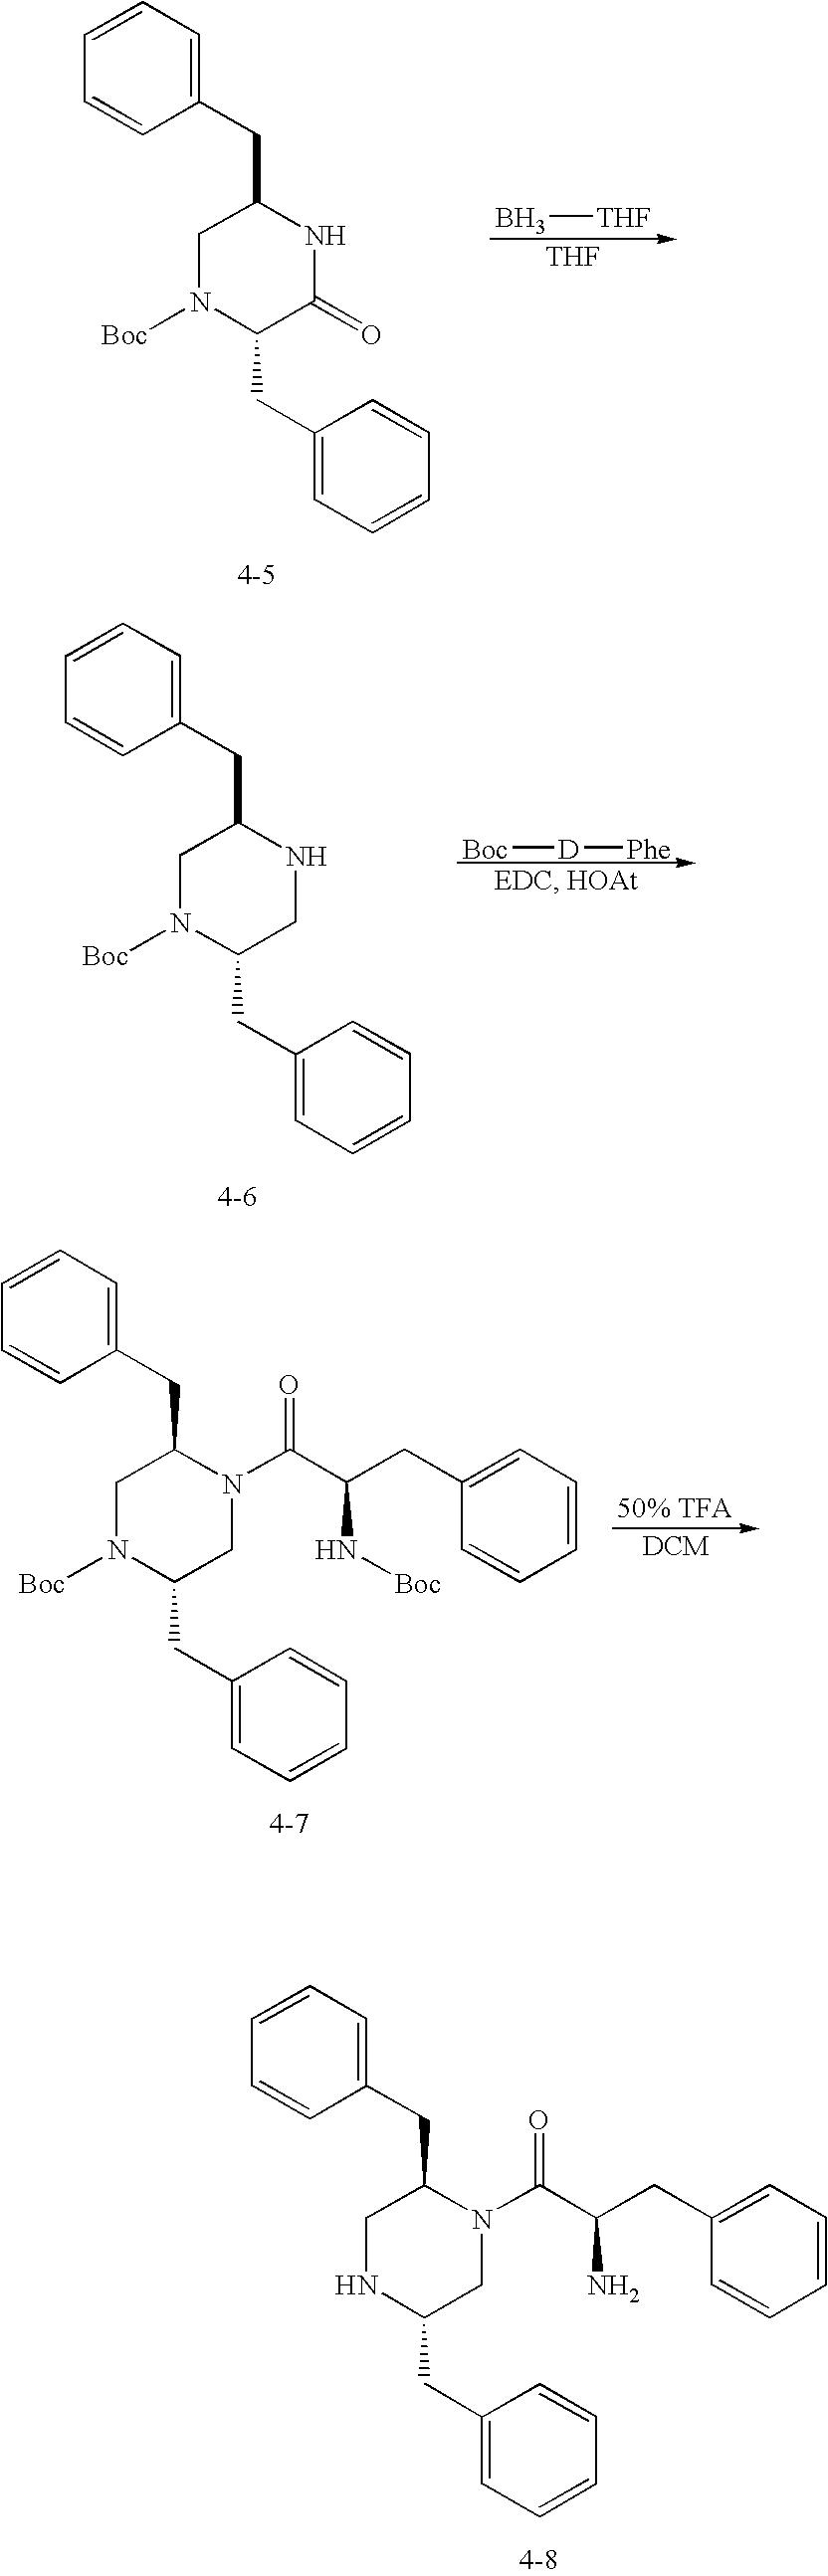 Figure US07709484-20100504-C00028